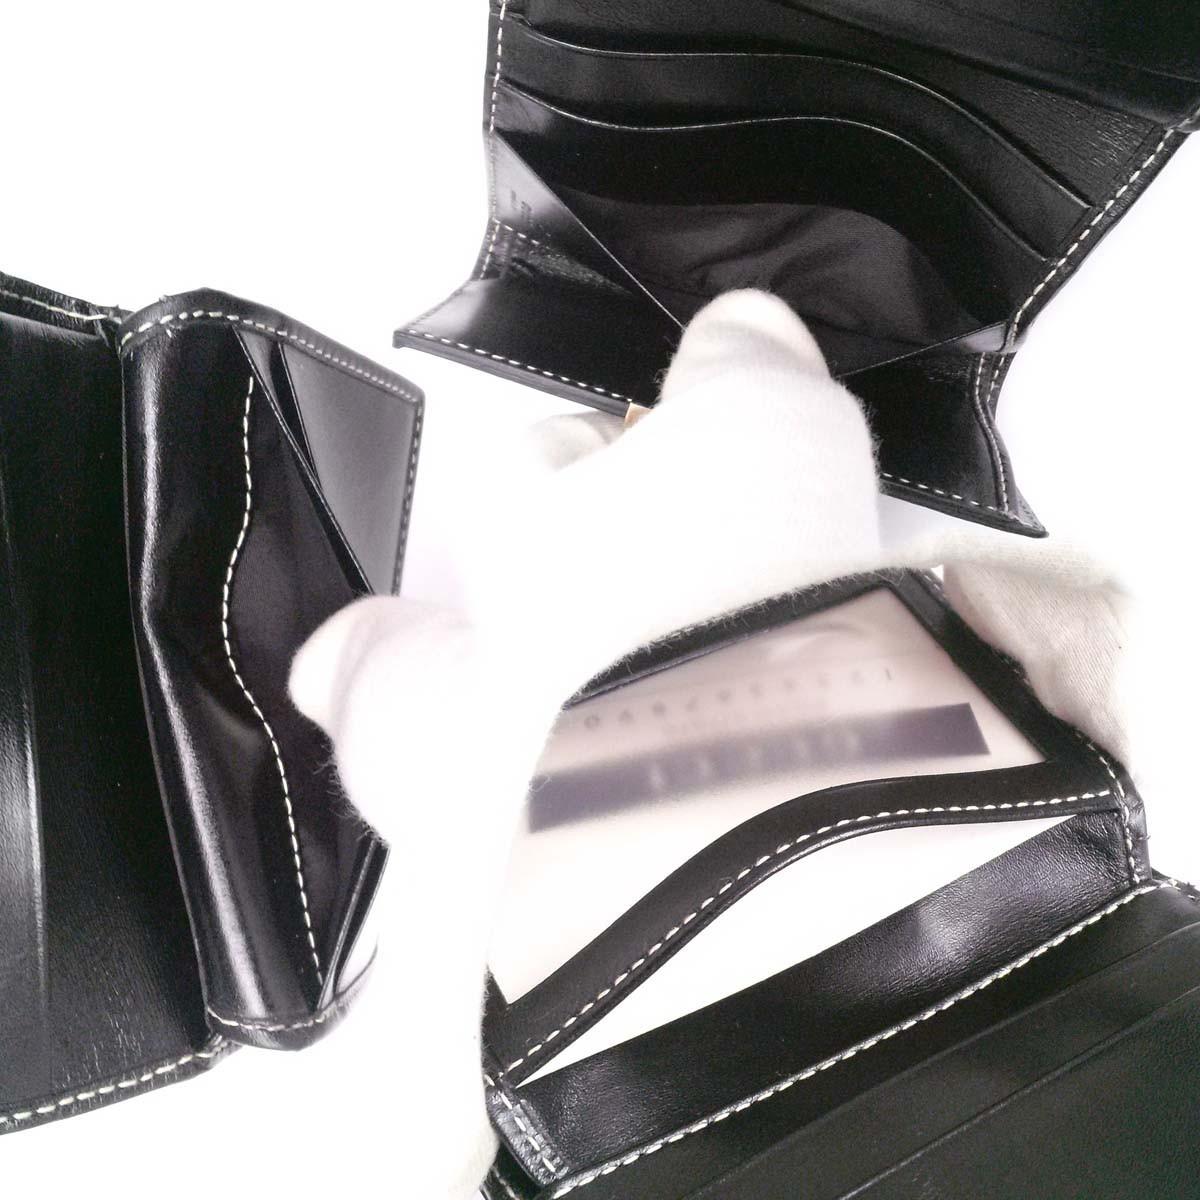 【新品同様】 グッチ コンパクト財布 金具テープ付き スライドロック【モード系】パスケース付き 黒 箱 appre5773【一撃即決】_画像8